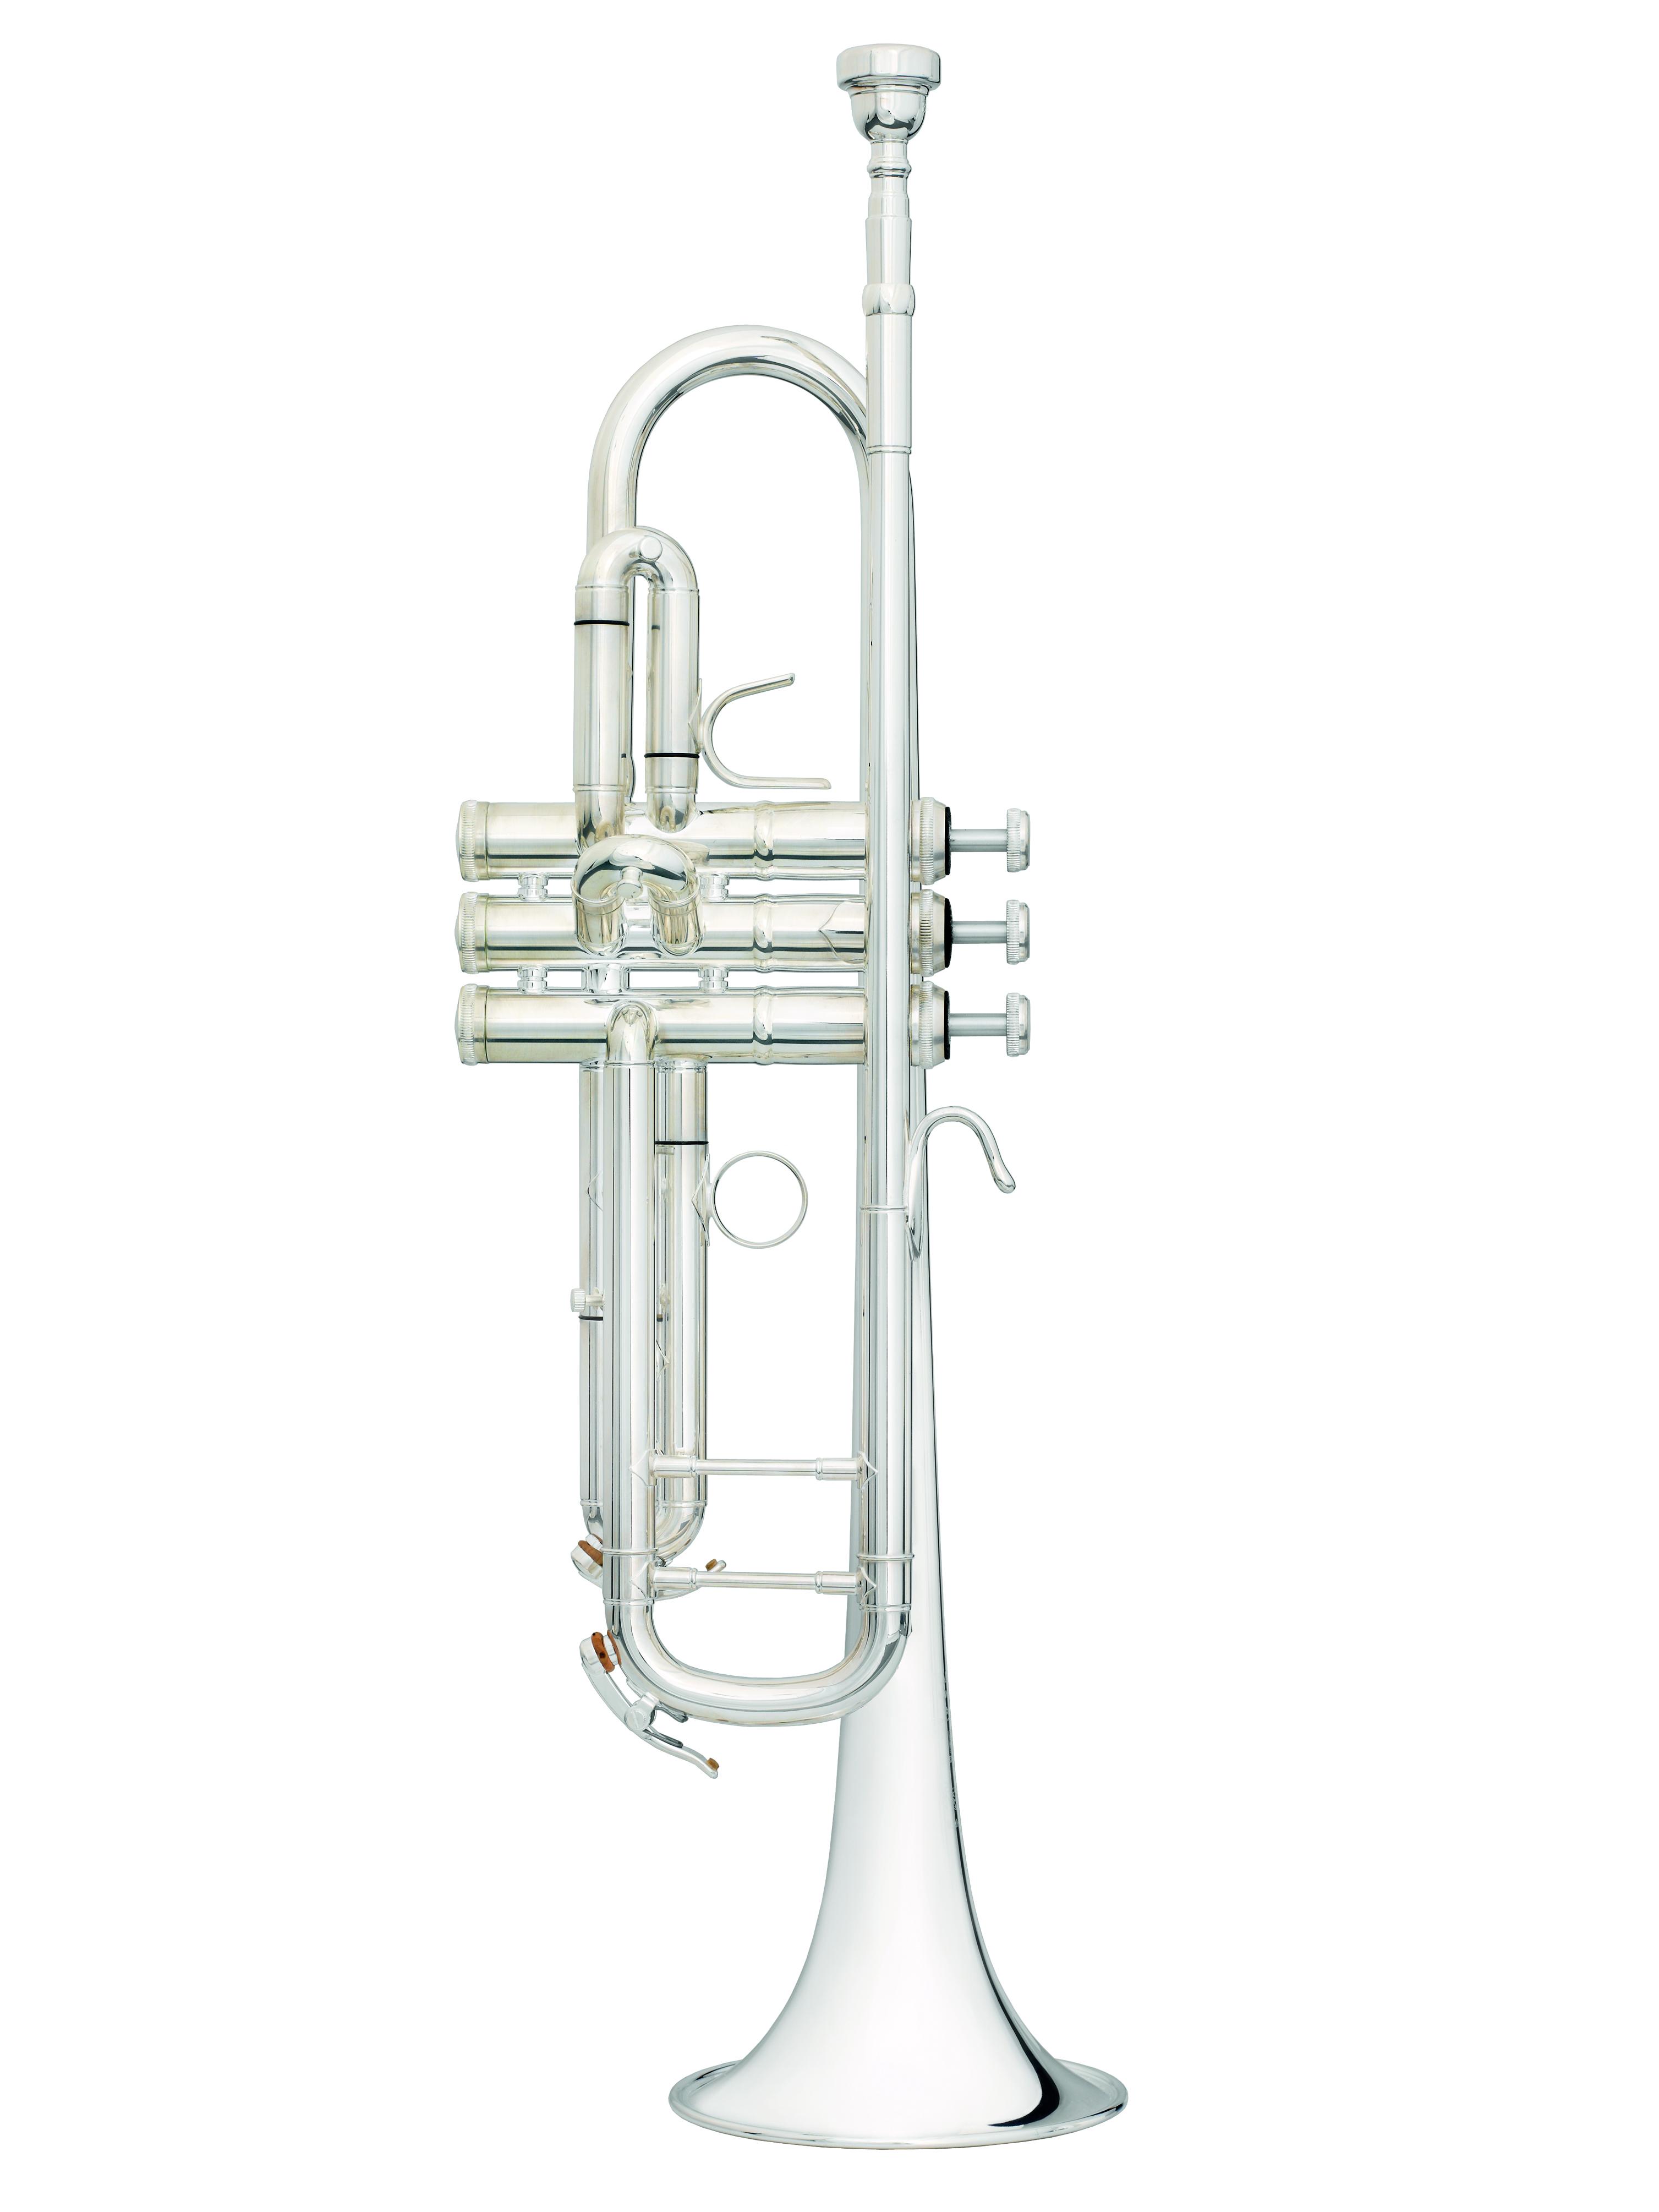 B&S - BS - 31722 - 2 - 0W - Blechblasinstrumente - Trompeten mit Perinet-Ventilen | MUSIK BERTRAM Deutschland Freiburg